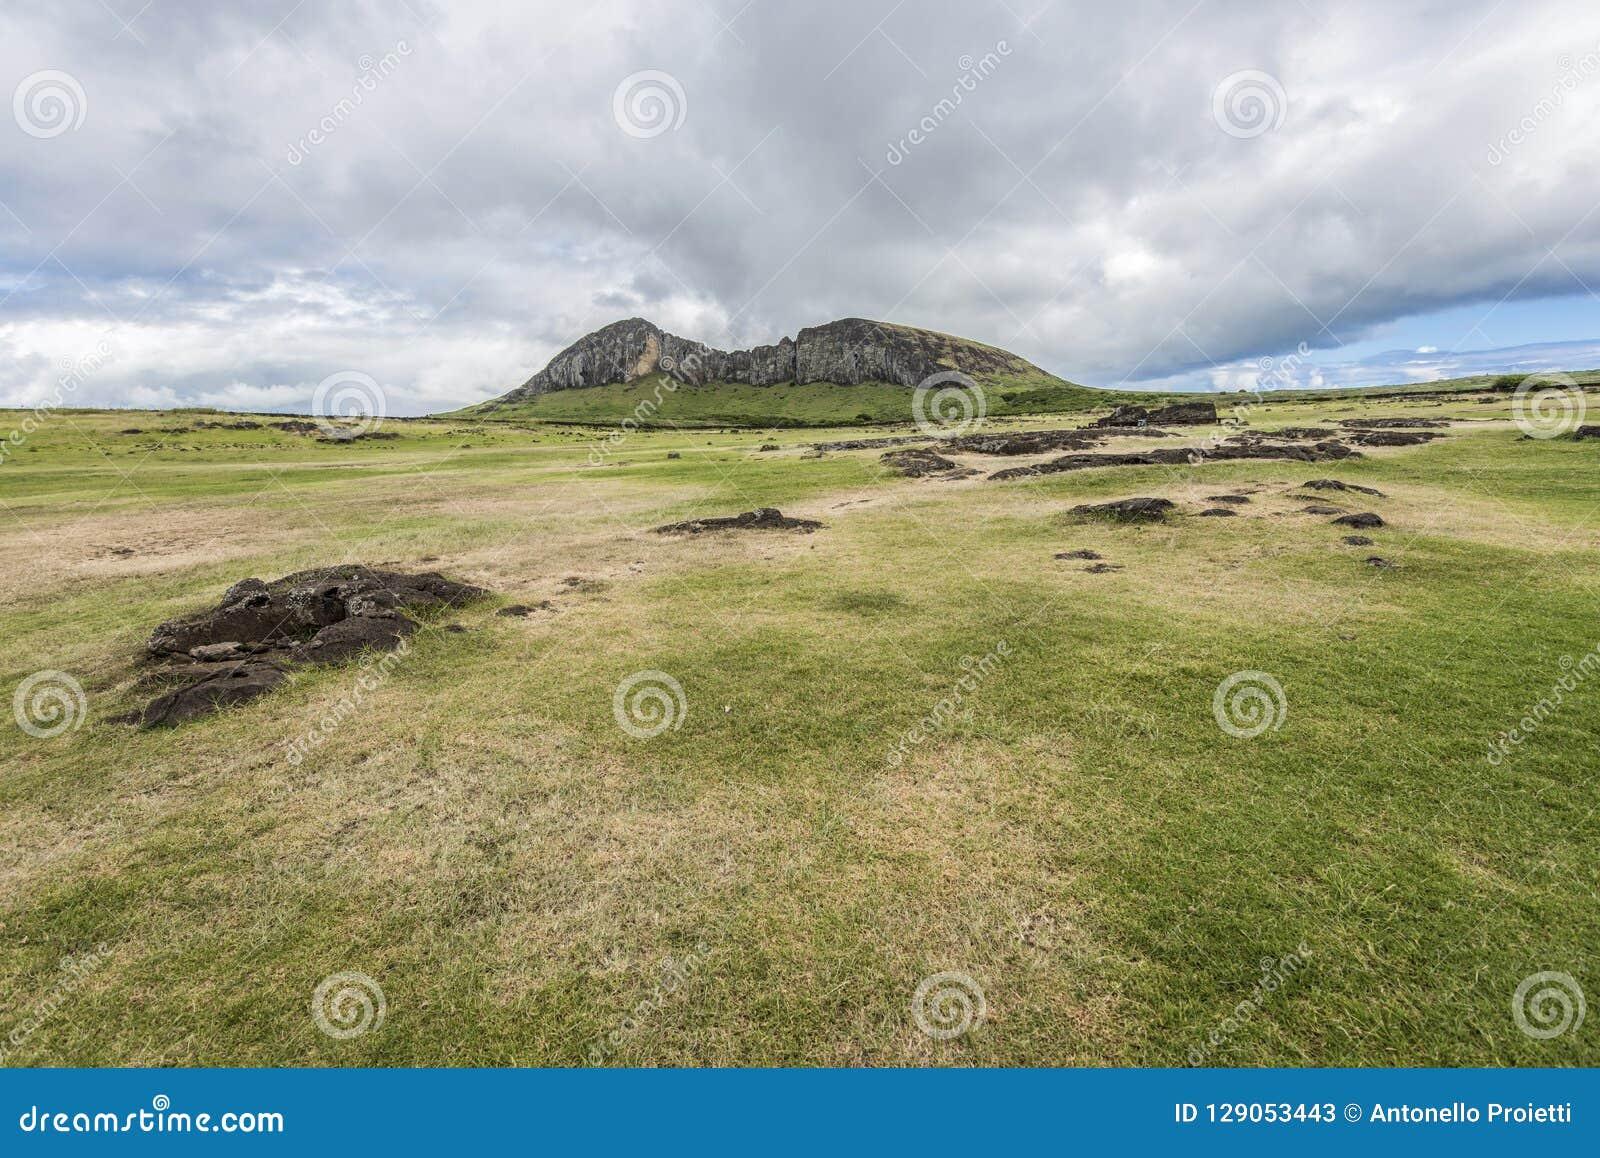 Overzicht 2 van de Rano Raraku-vulkaansteengroeve van moais